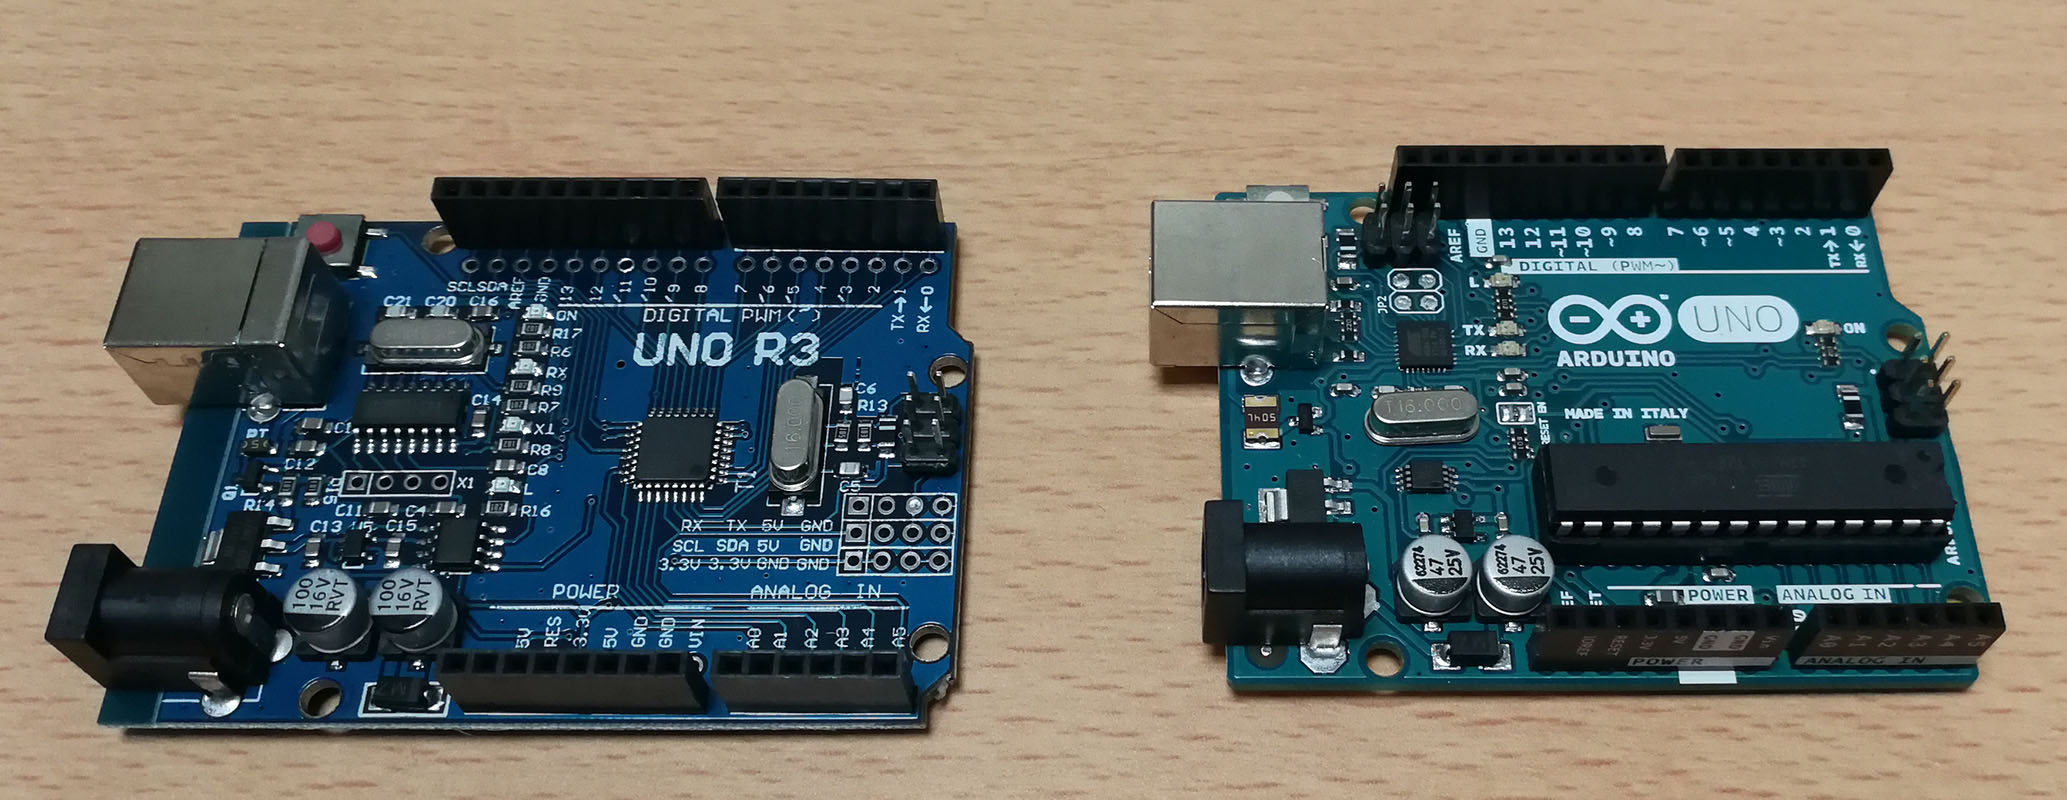 右が互換機、左が本物のArduino UNO R3